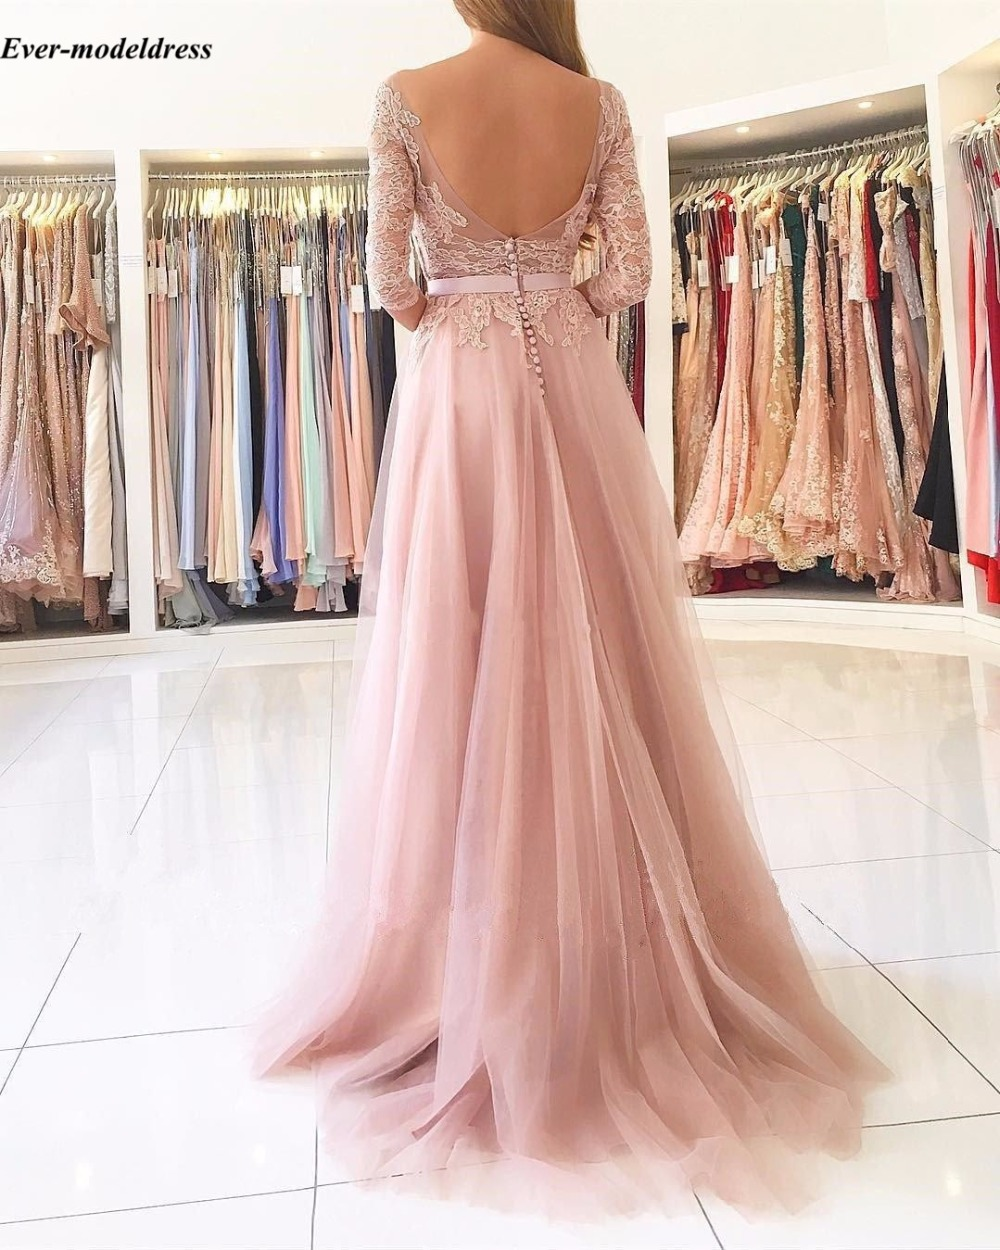 Розовые платья подружек невесты 2020 сексуальные трапециевидные с высоким разрезом без спинки кружевные Длинные рукава длиной до пола свадебные вечерние платья для гостей выпускного вечера - 3